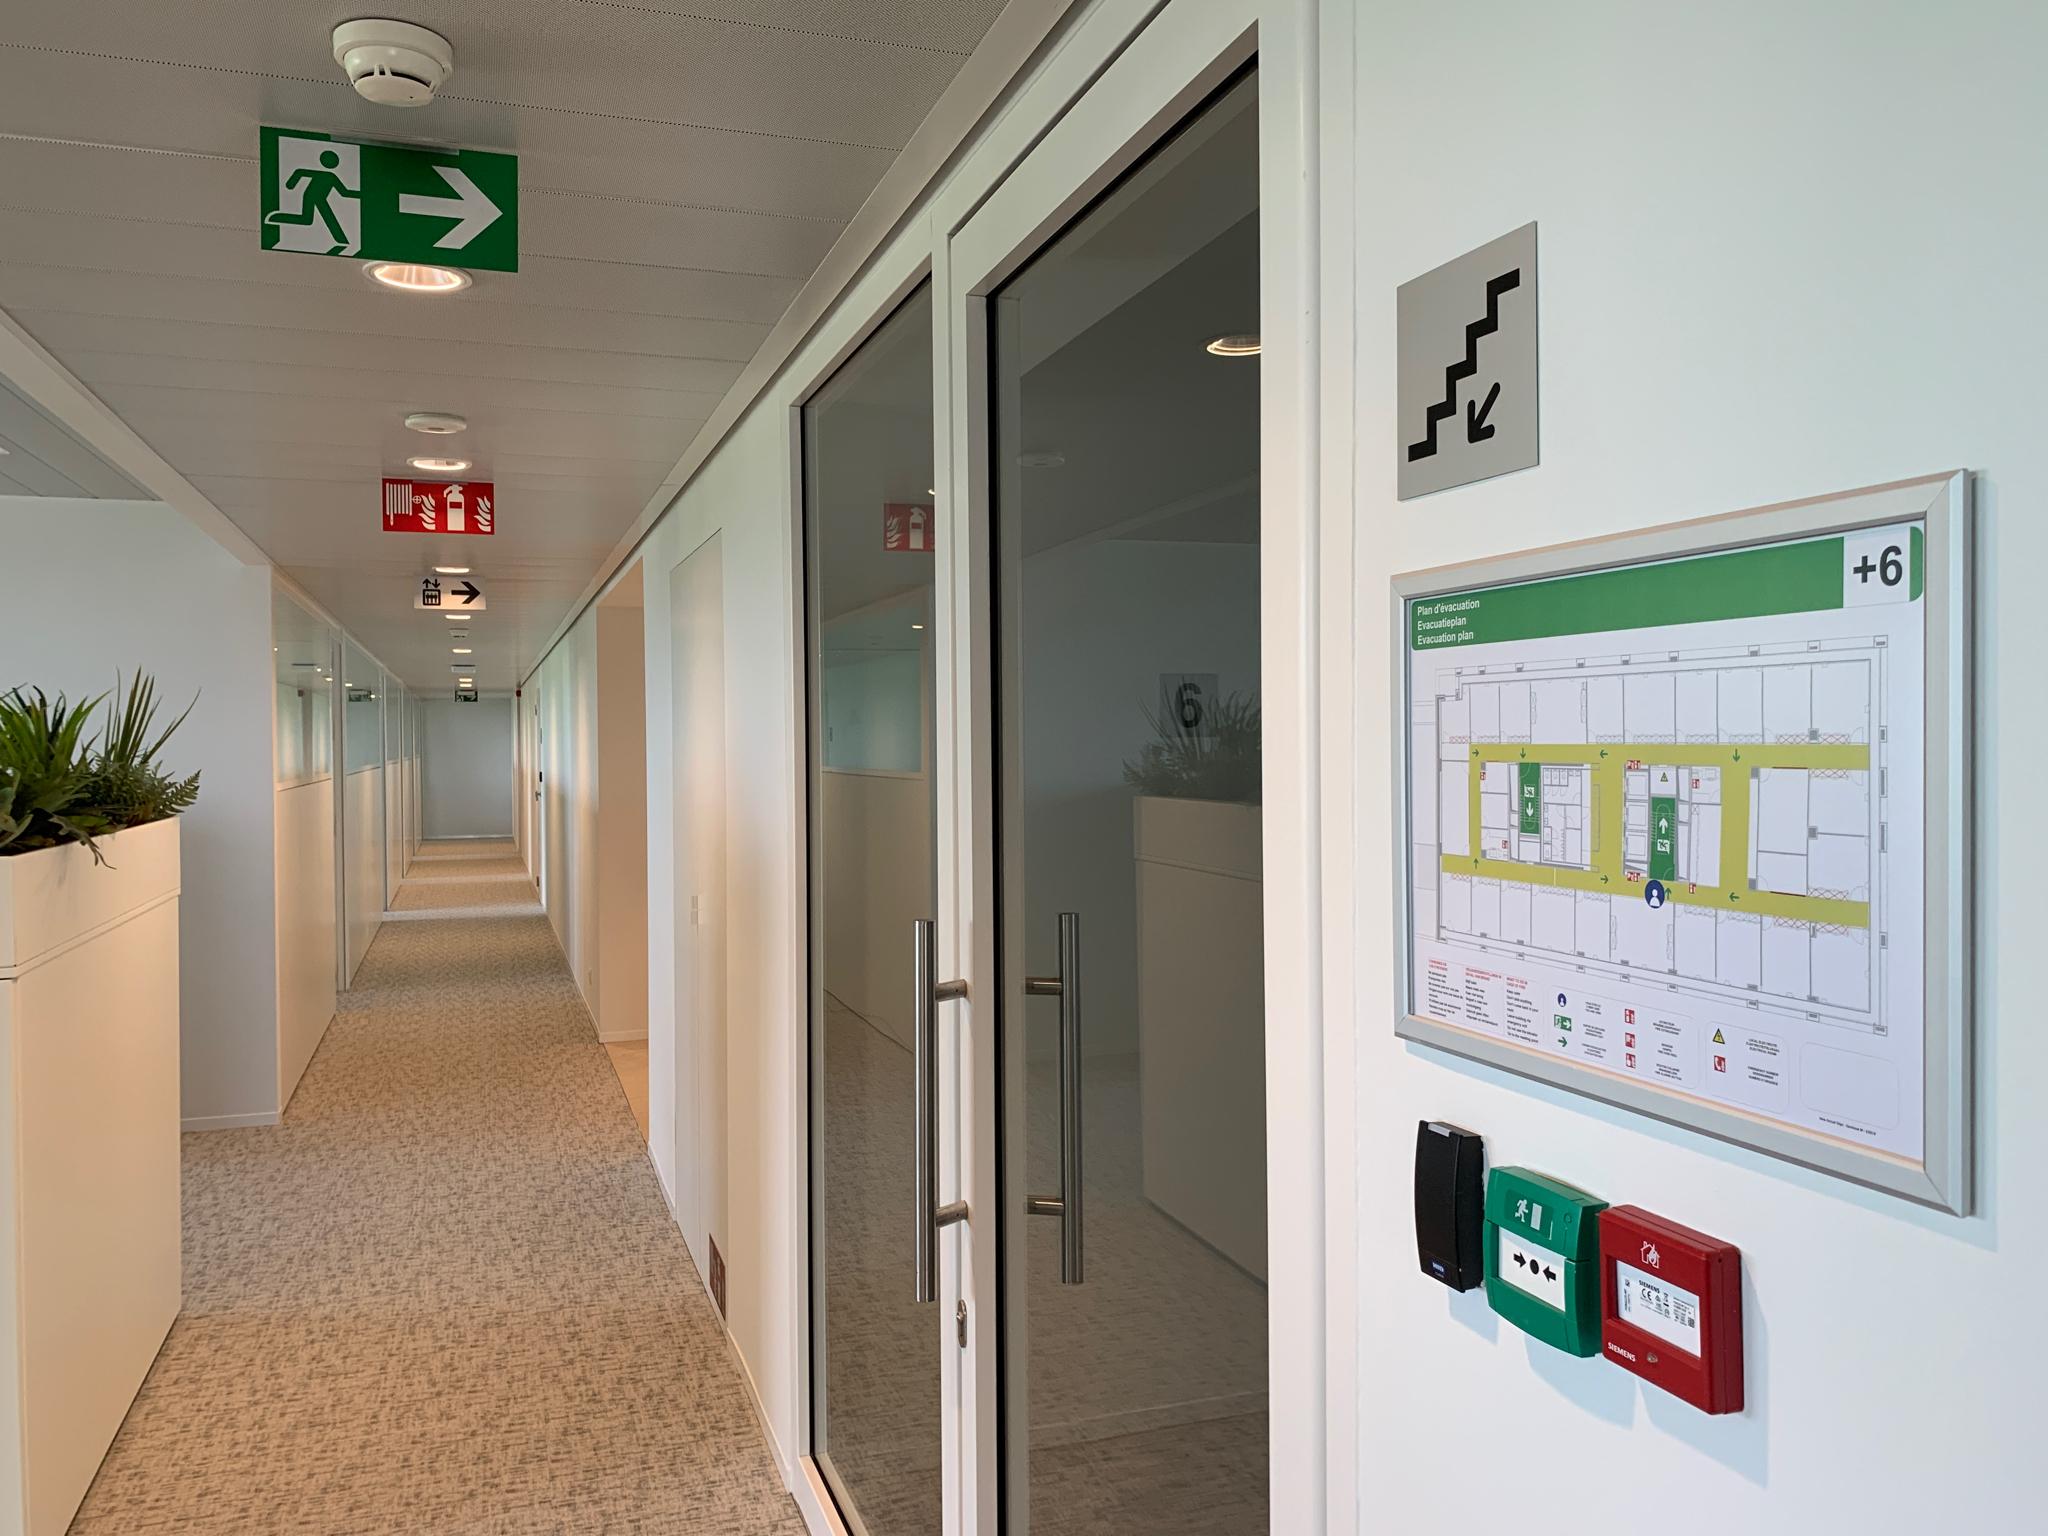 Wayfinding – interne veiligheidssignalisatie uitgewerkt en geplaatst door actual sign member of the remotec group in combinatie met een evacuatieplan